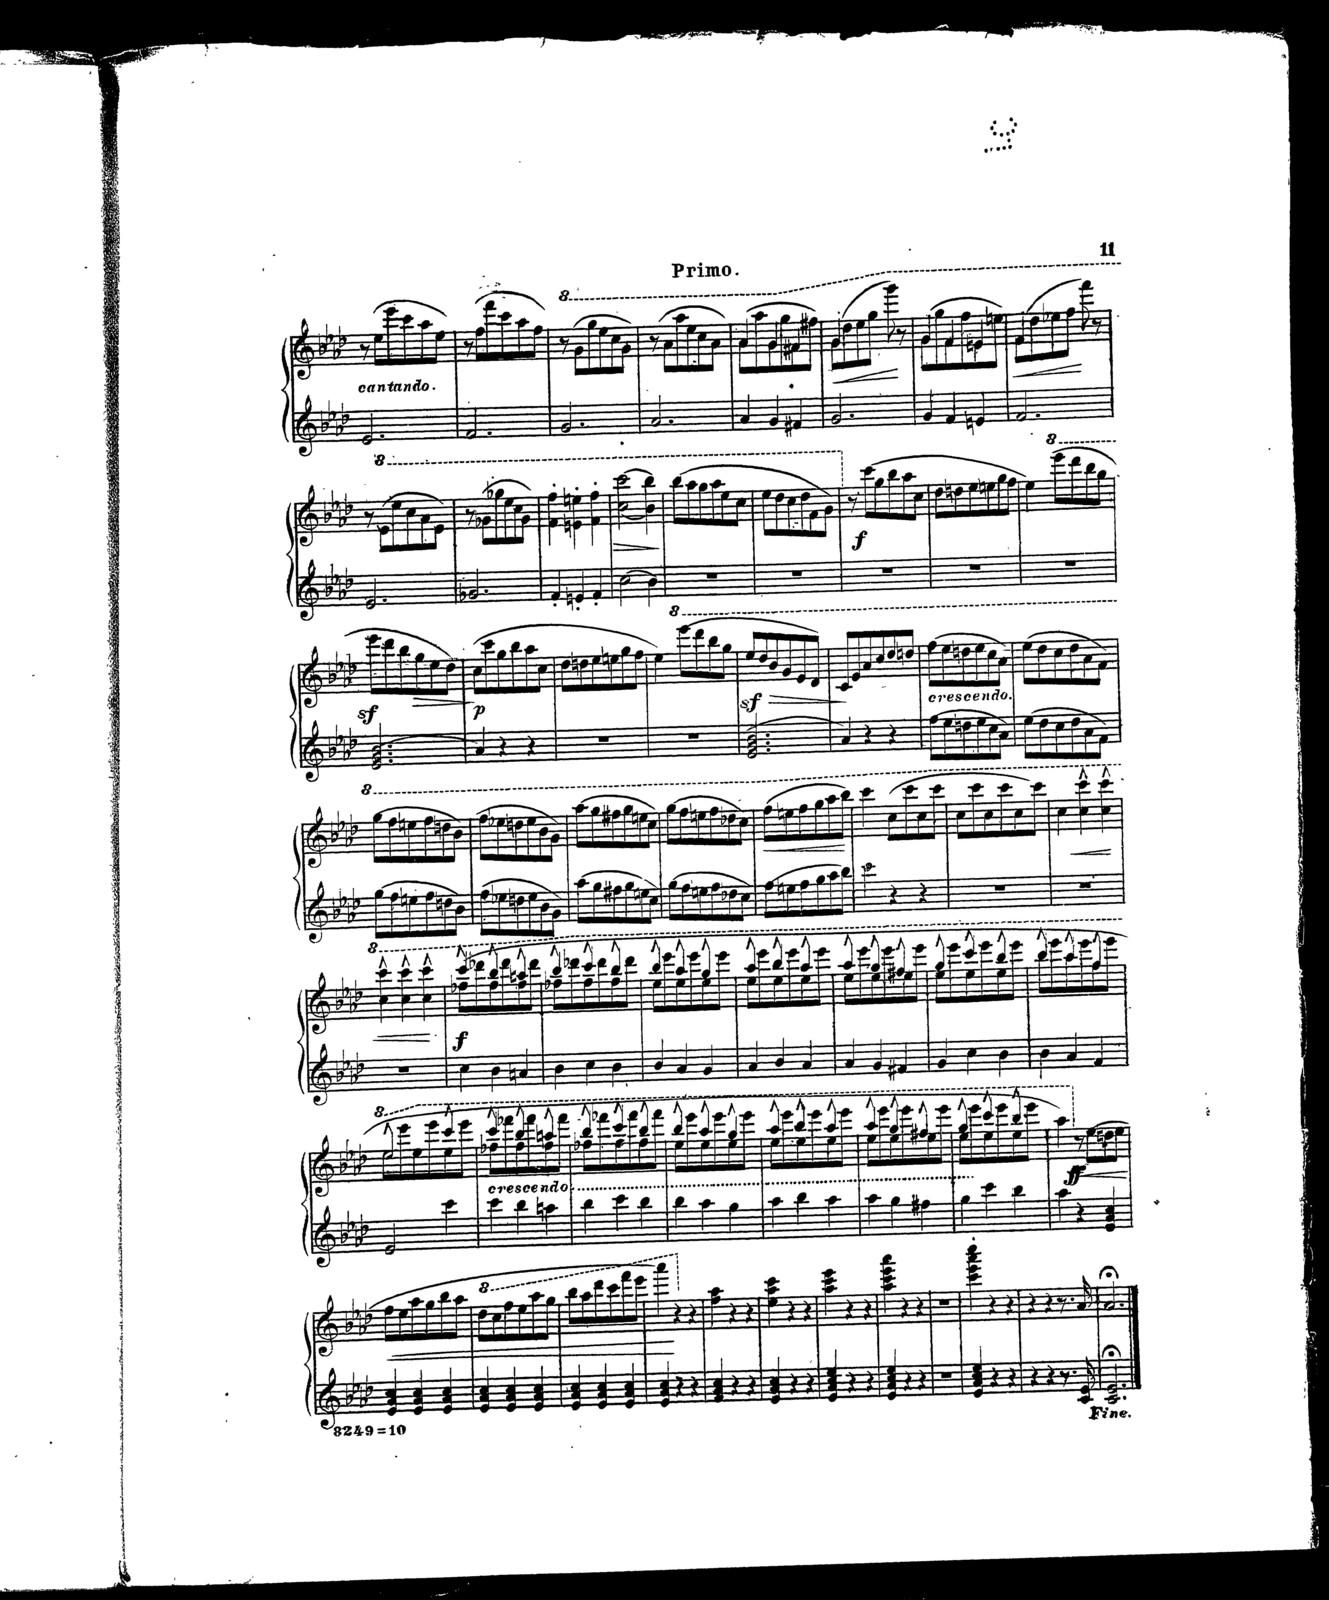 Princesse-valse [piano 4-hands]